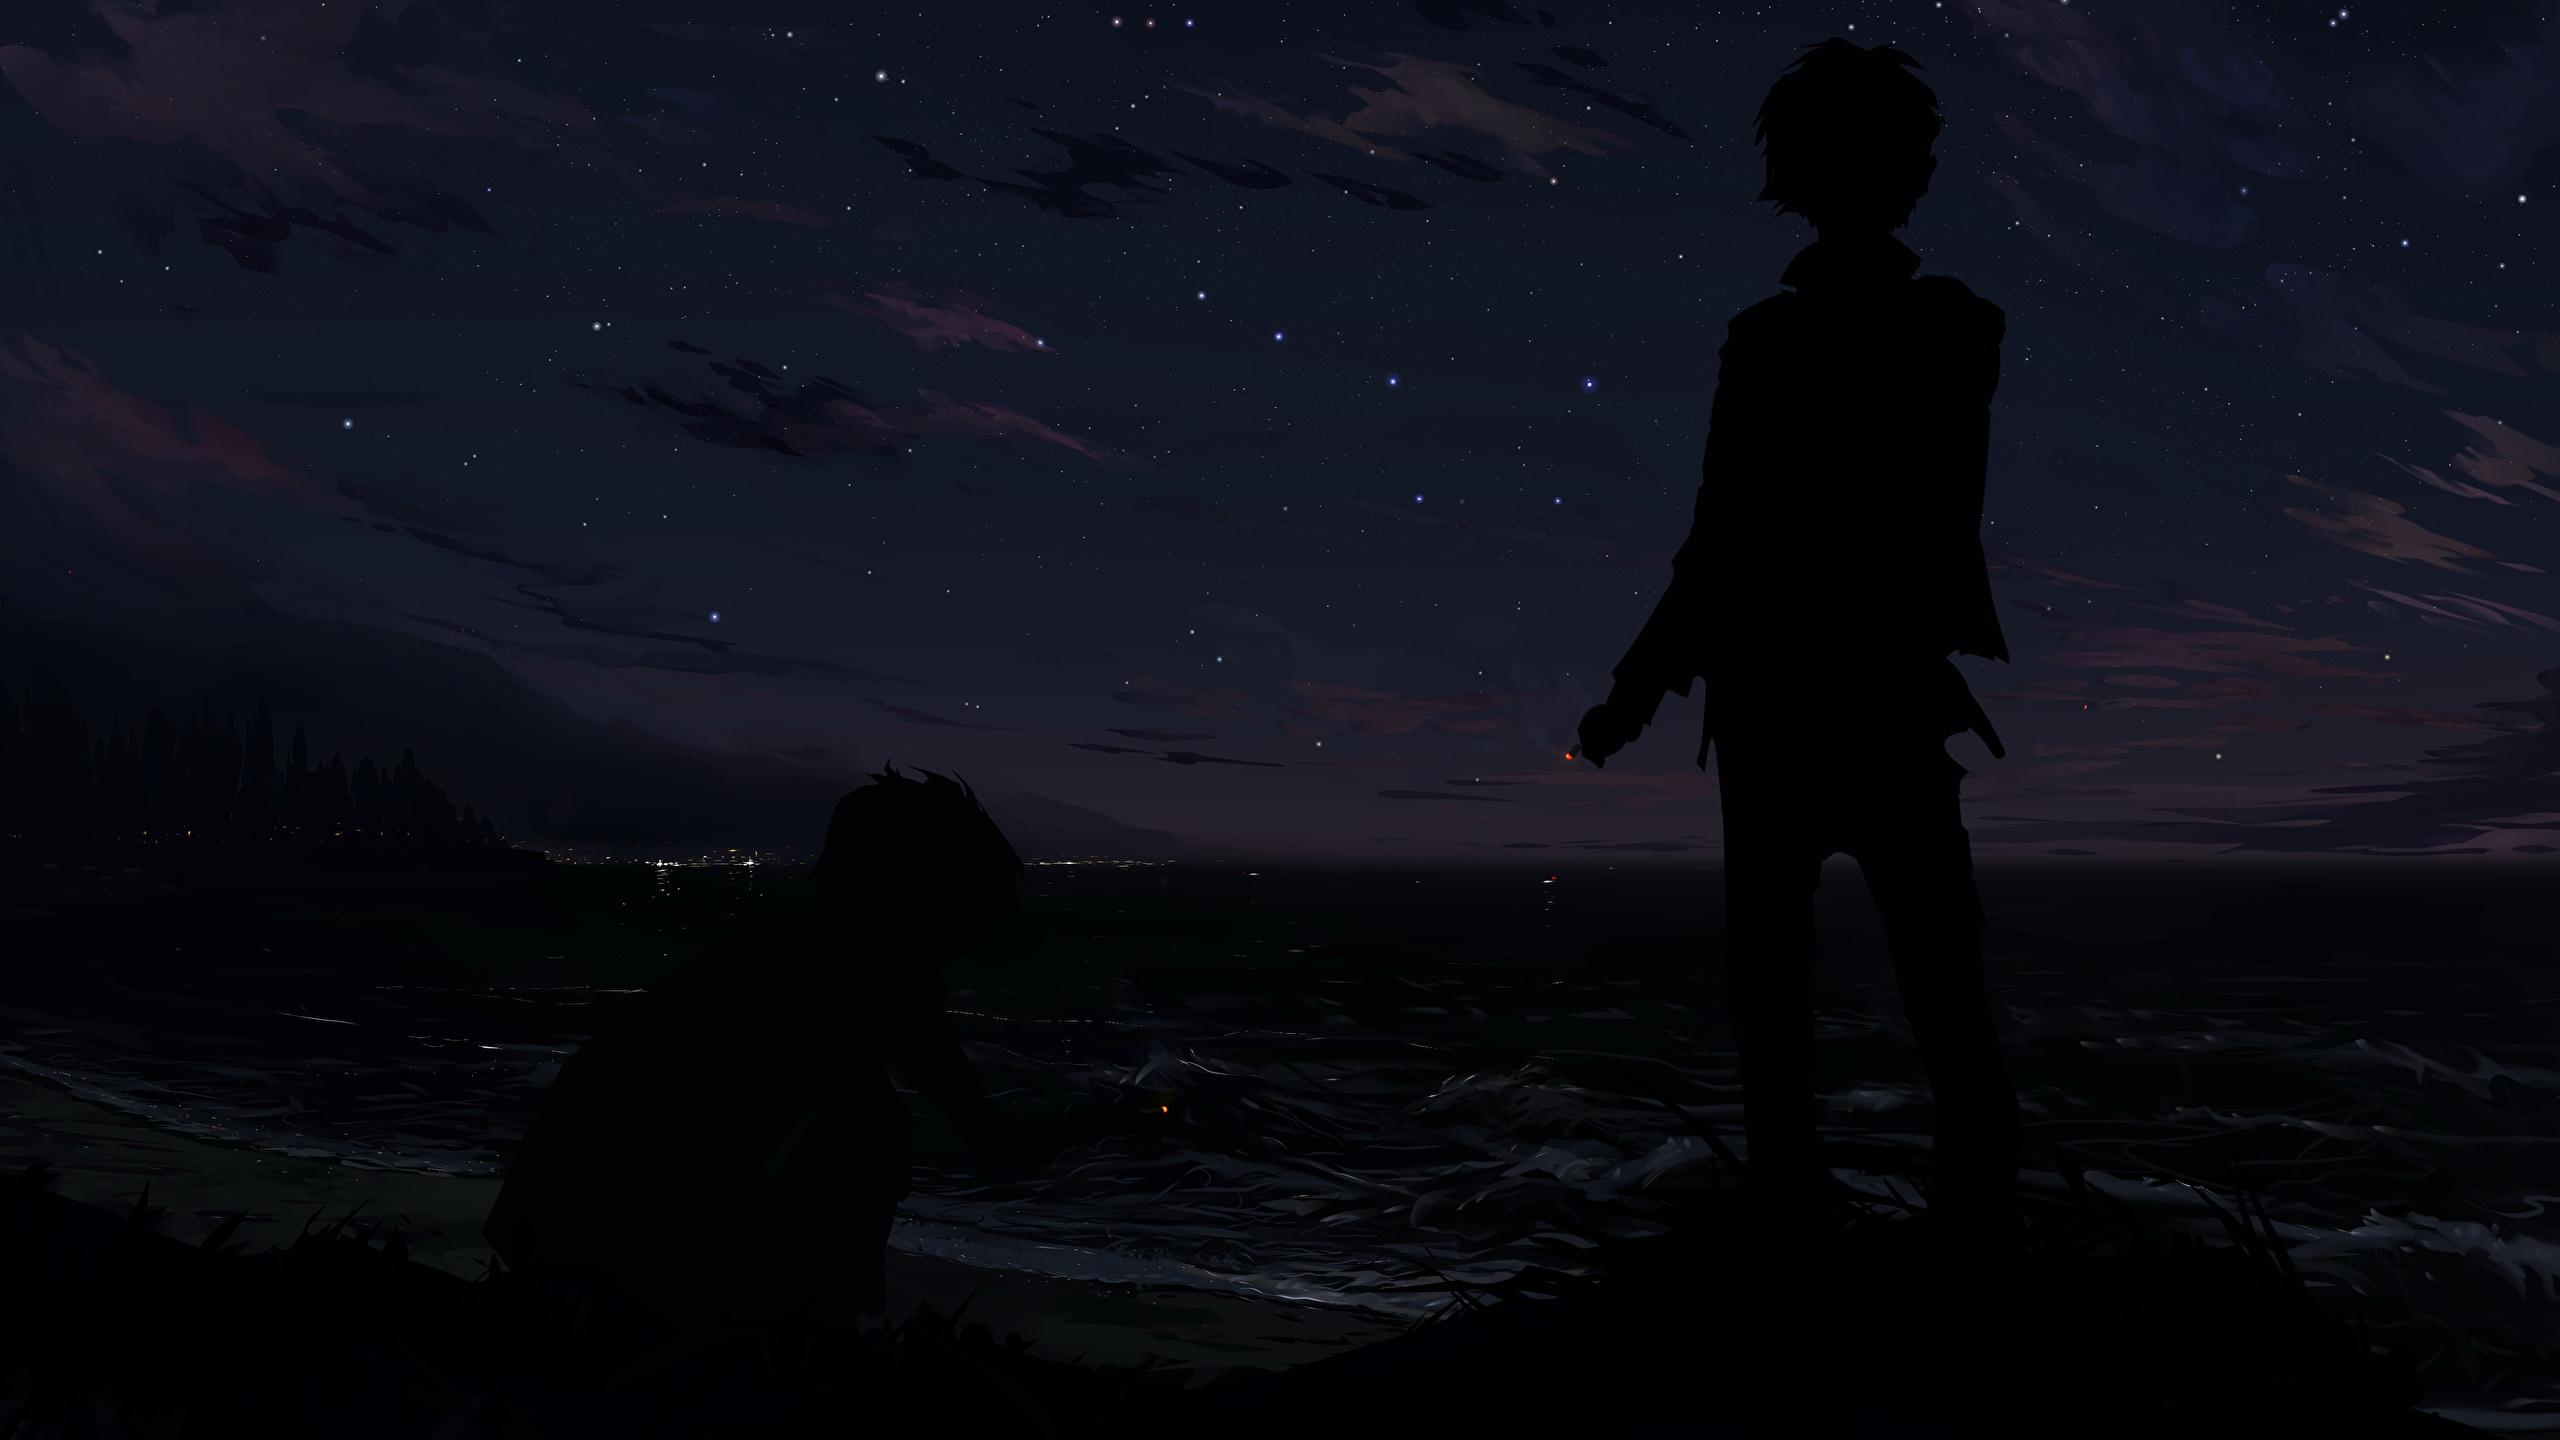 壁紙 2560x1440 夜 少年 シルエット アニメ ダウンロード 写真